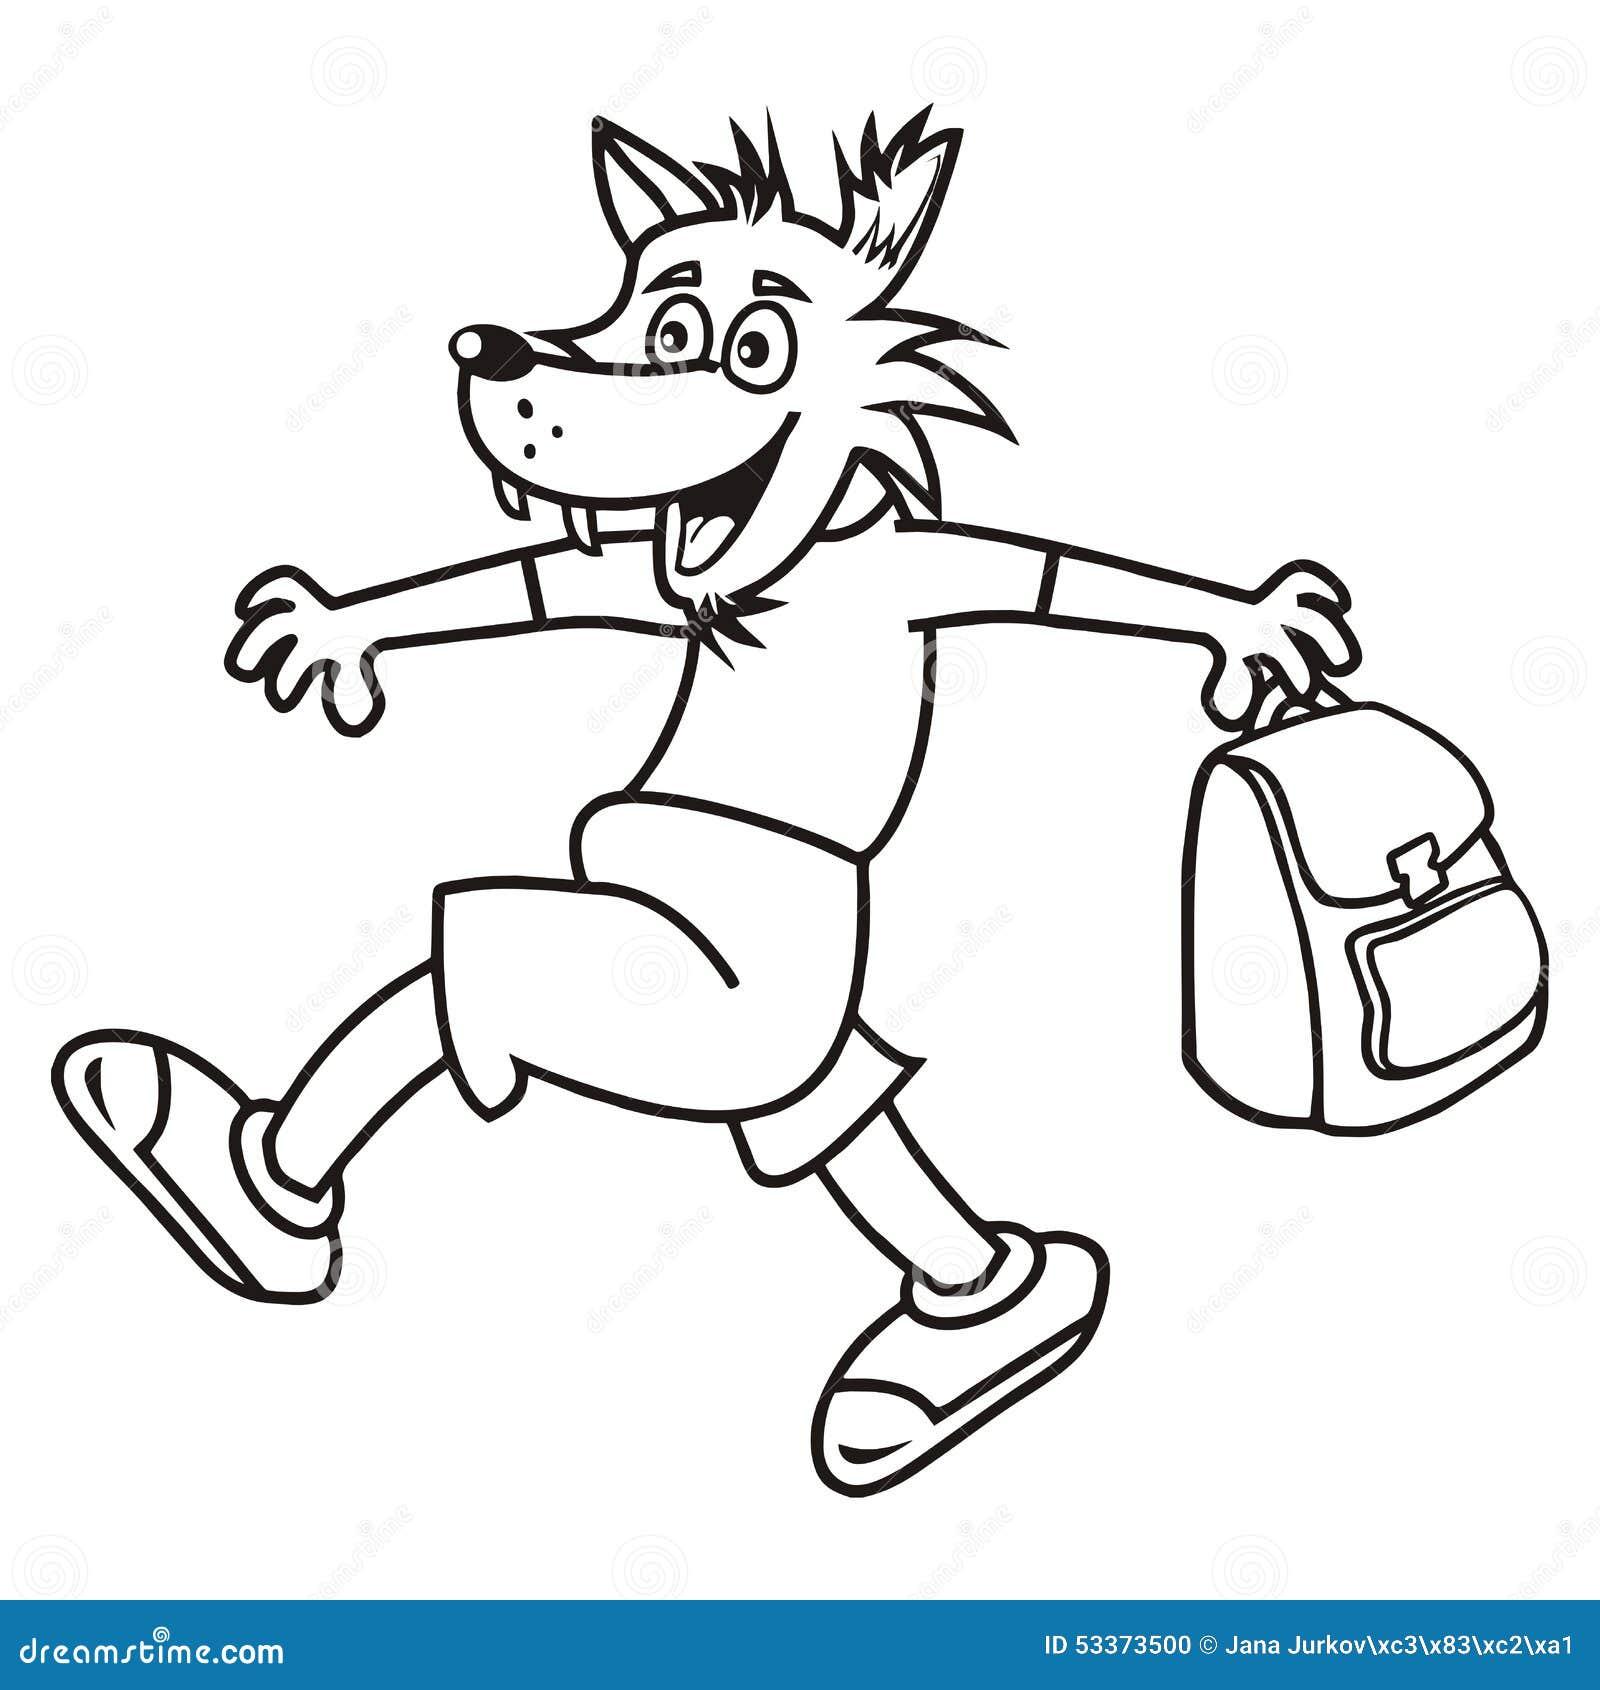 Loup et sac livre de coloriage illustration de vecteur - Image loup dessin ...